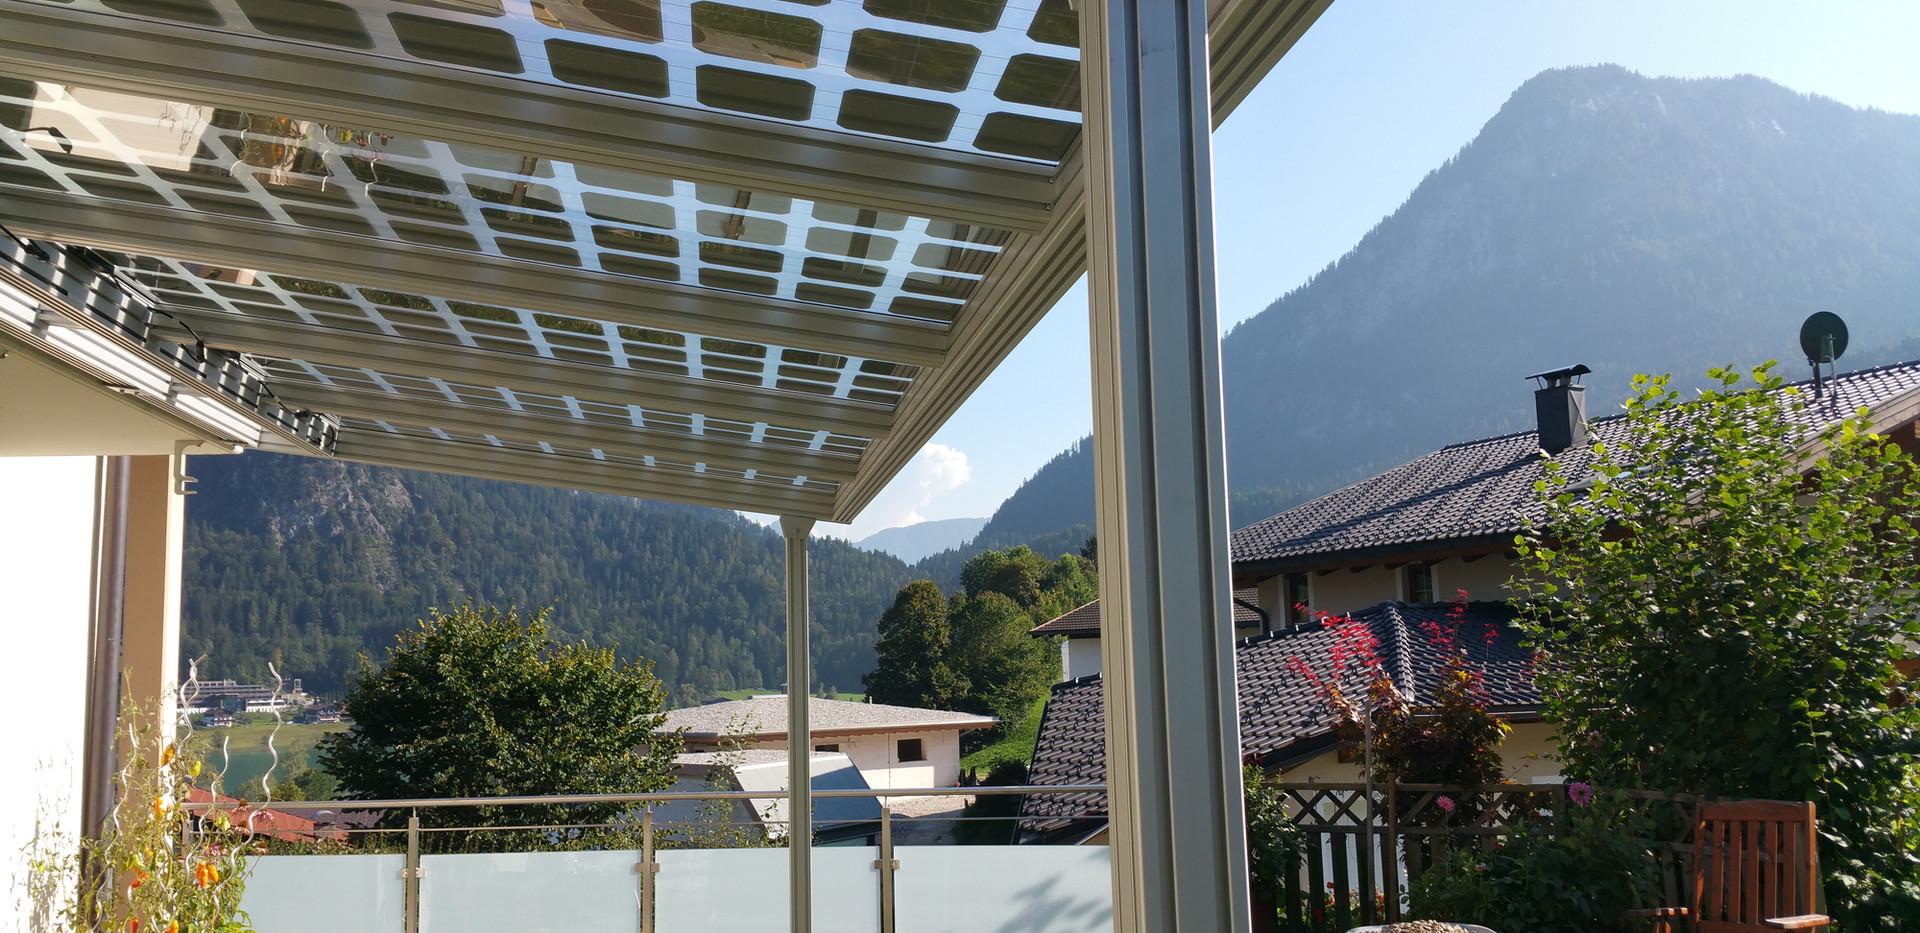 Terrasse-Lea5.jpg